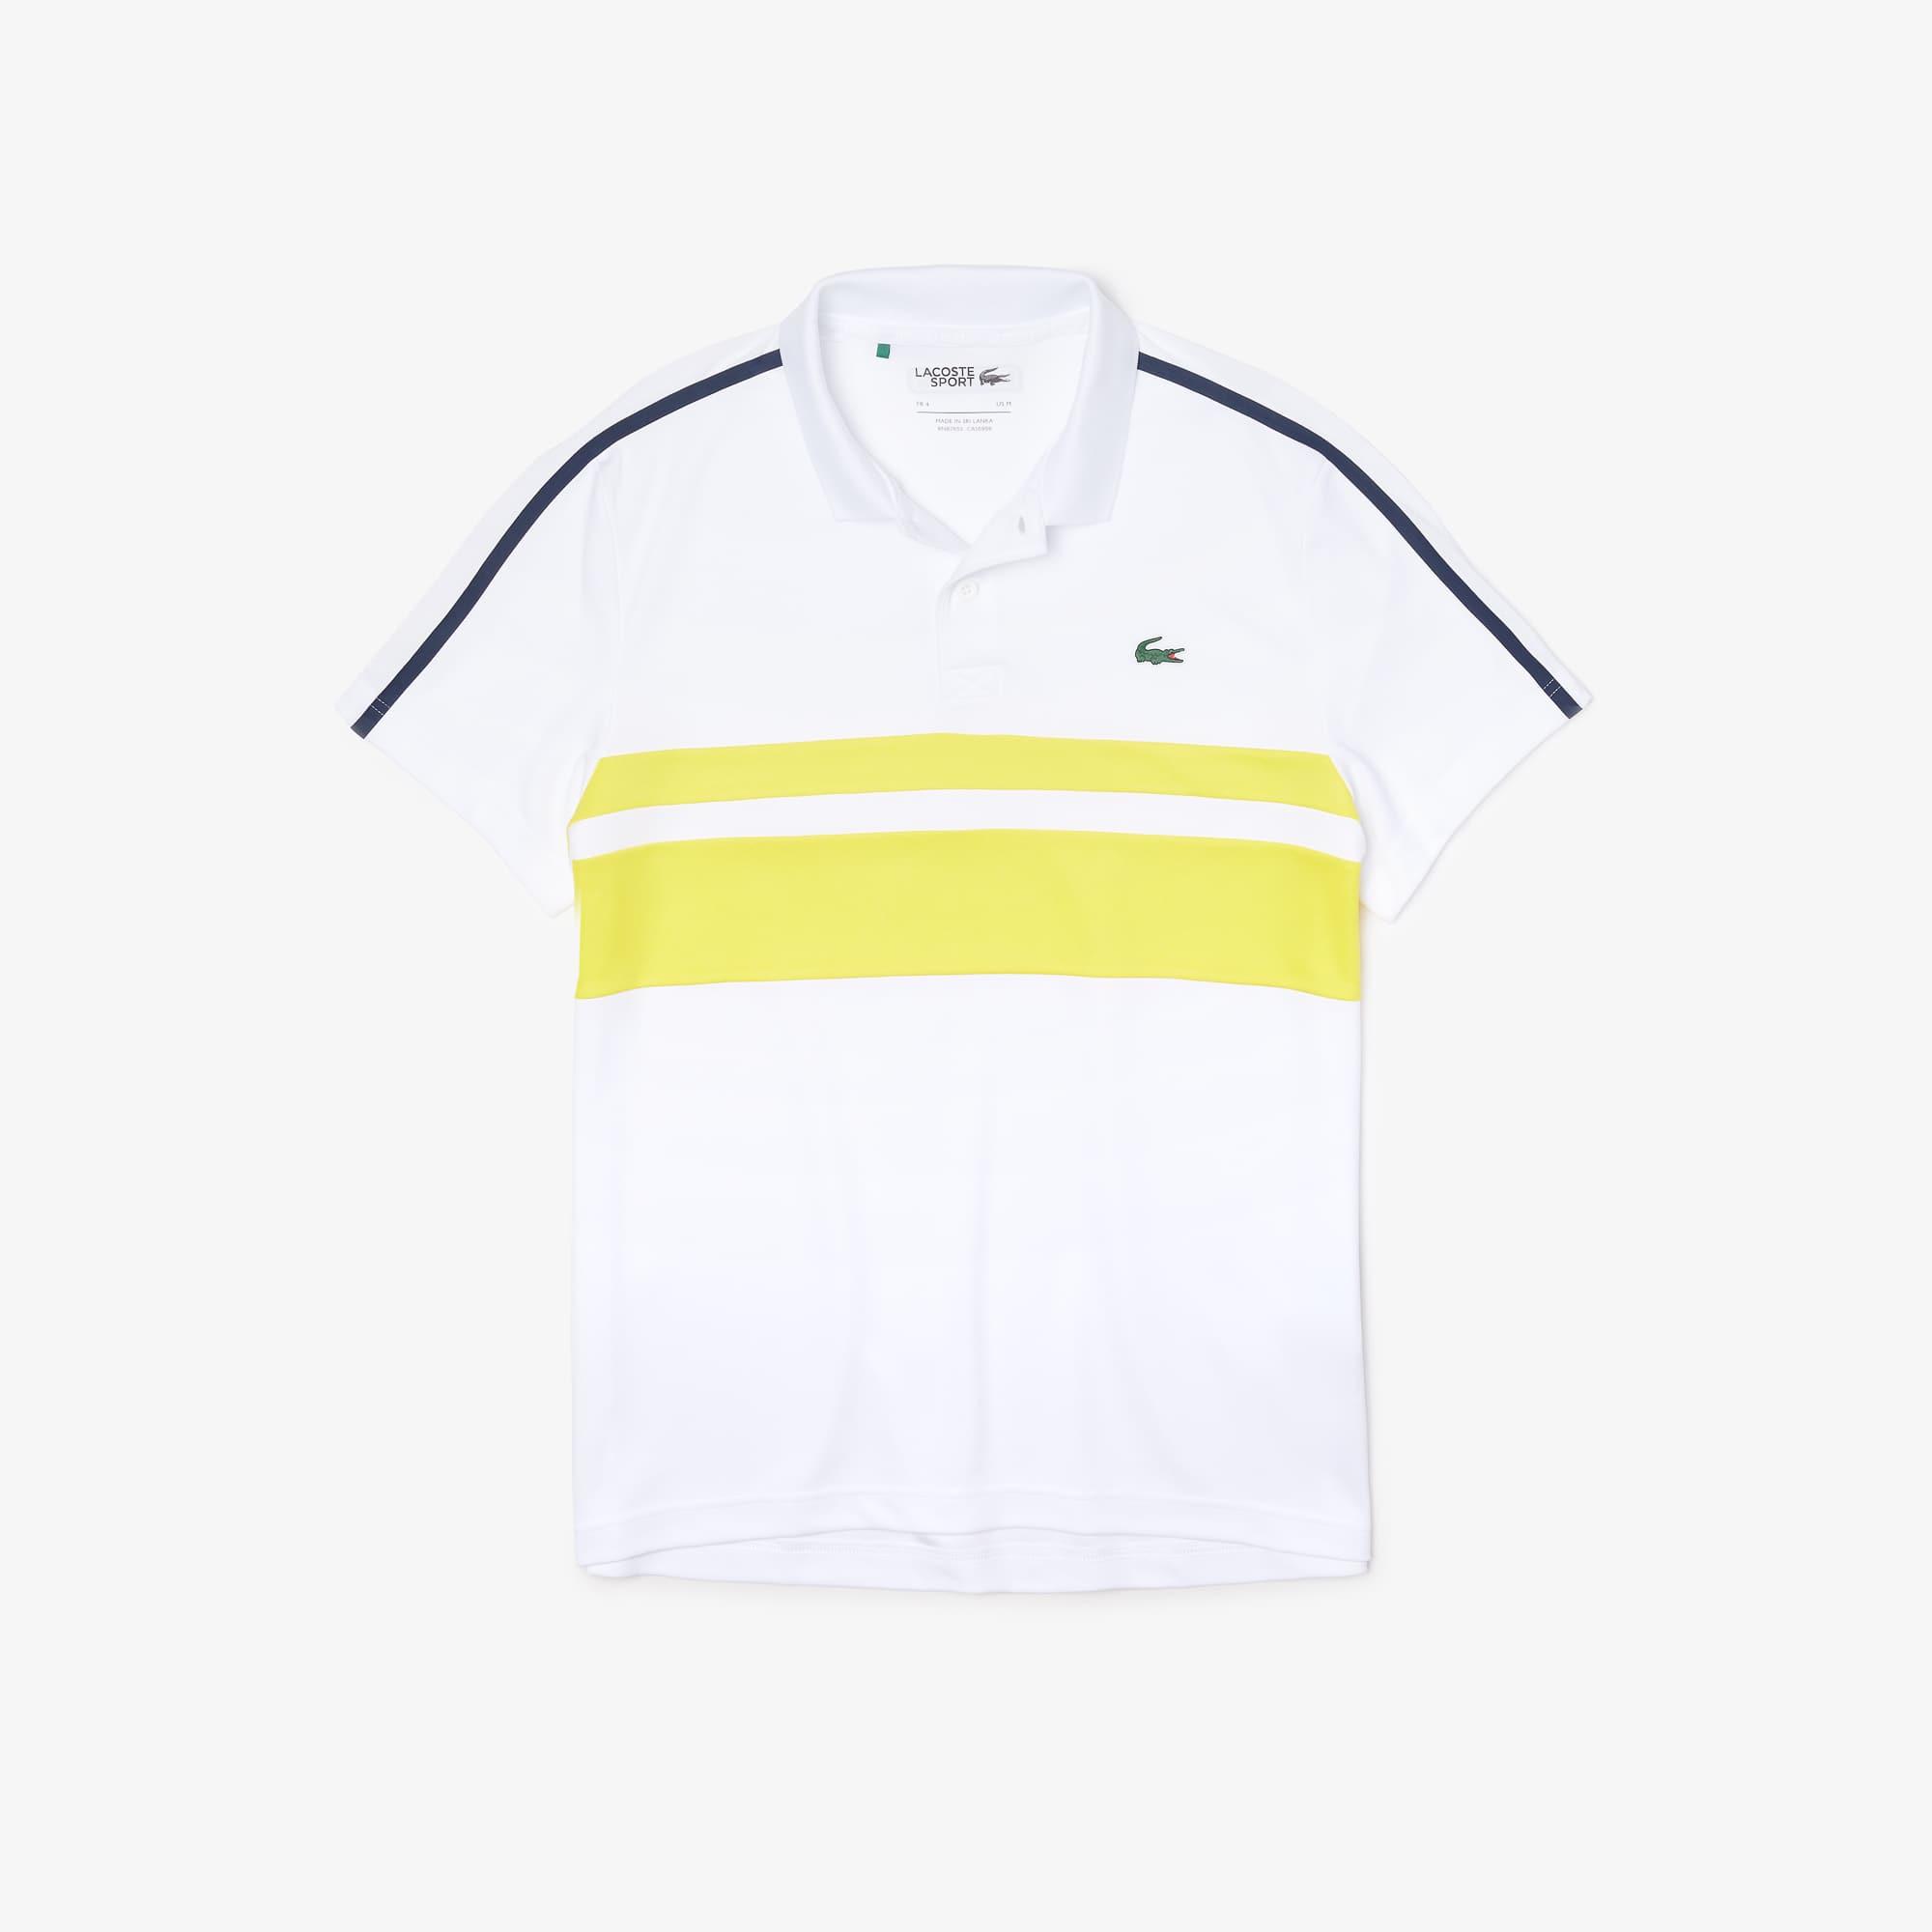 neu weiß Herren Tennis Poloshirt L 100/% Polyester